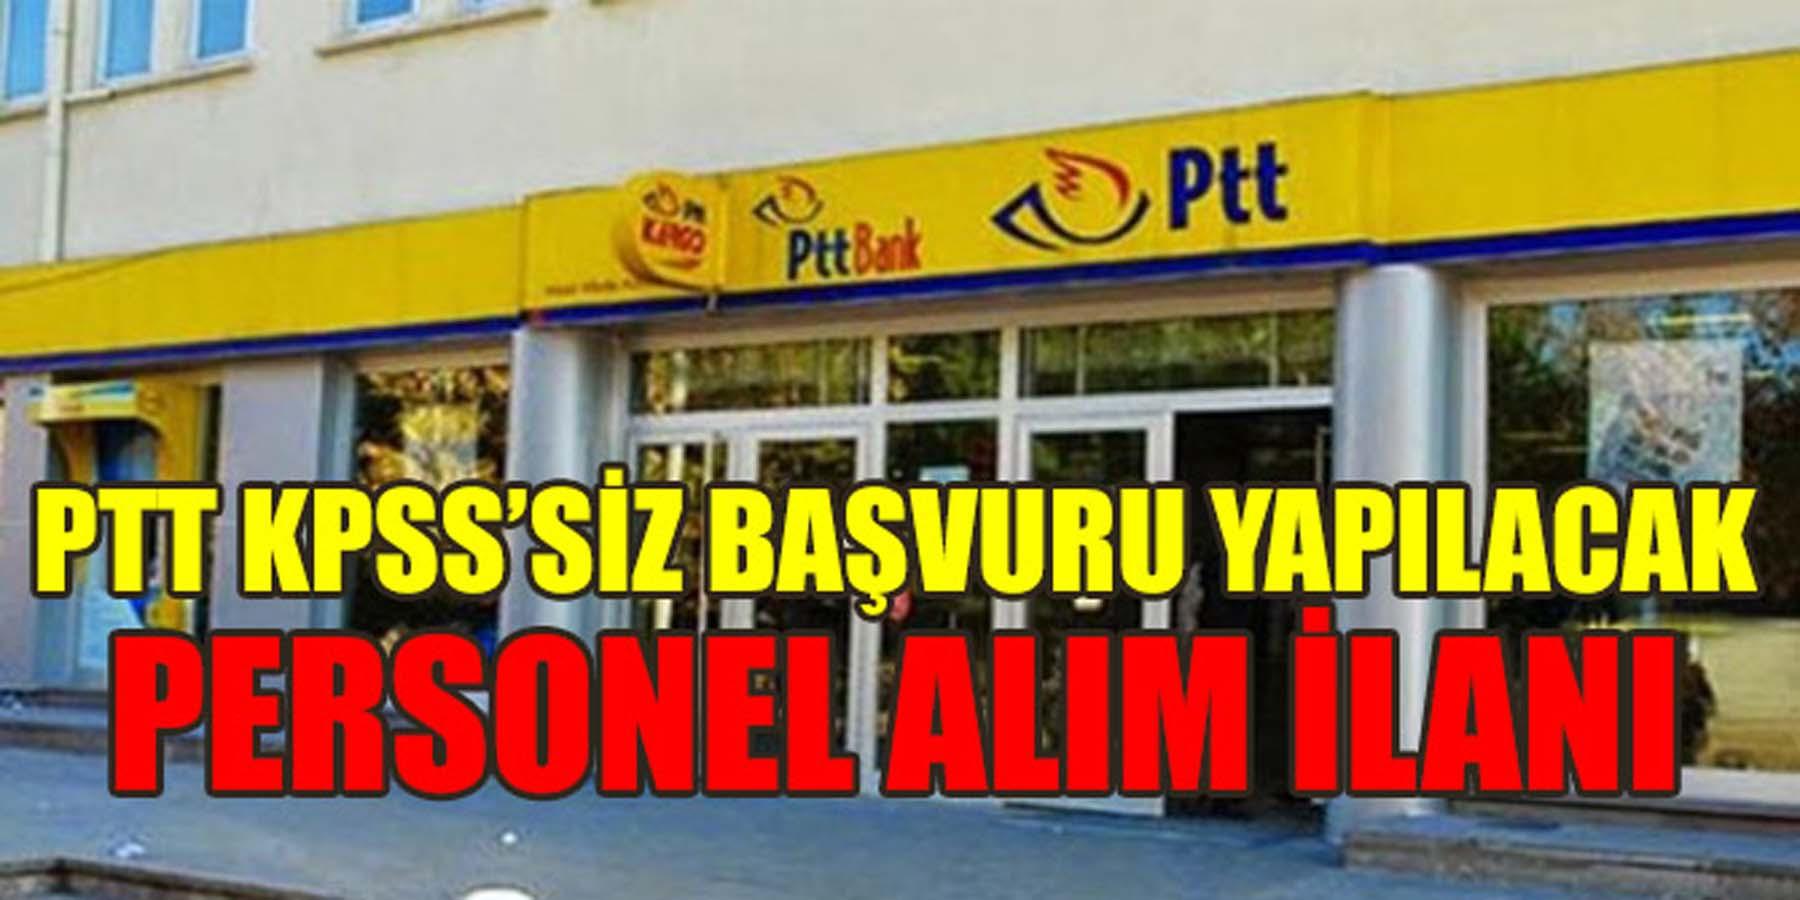 PTT KPSS'siz Başvuru Yapılacak Personel Alım İlanı